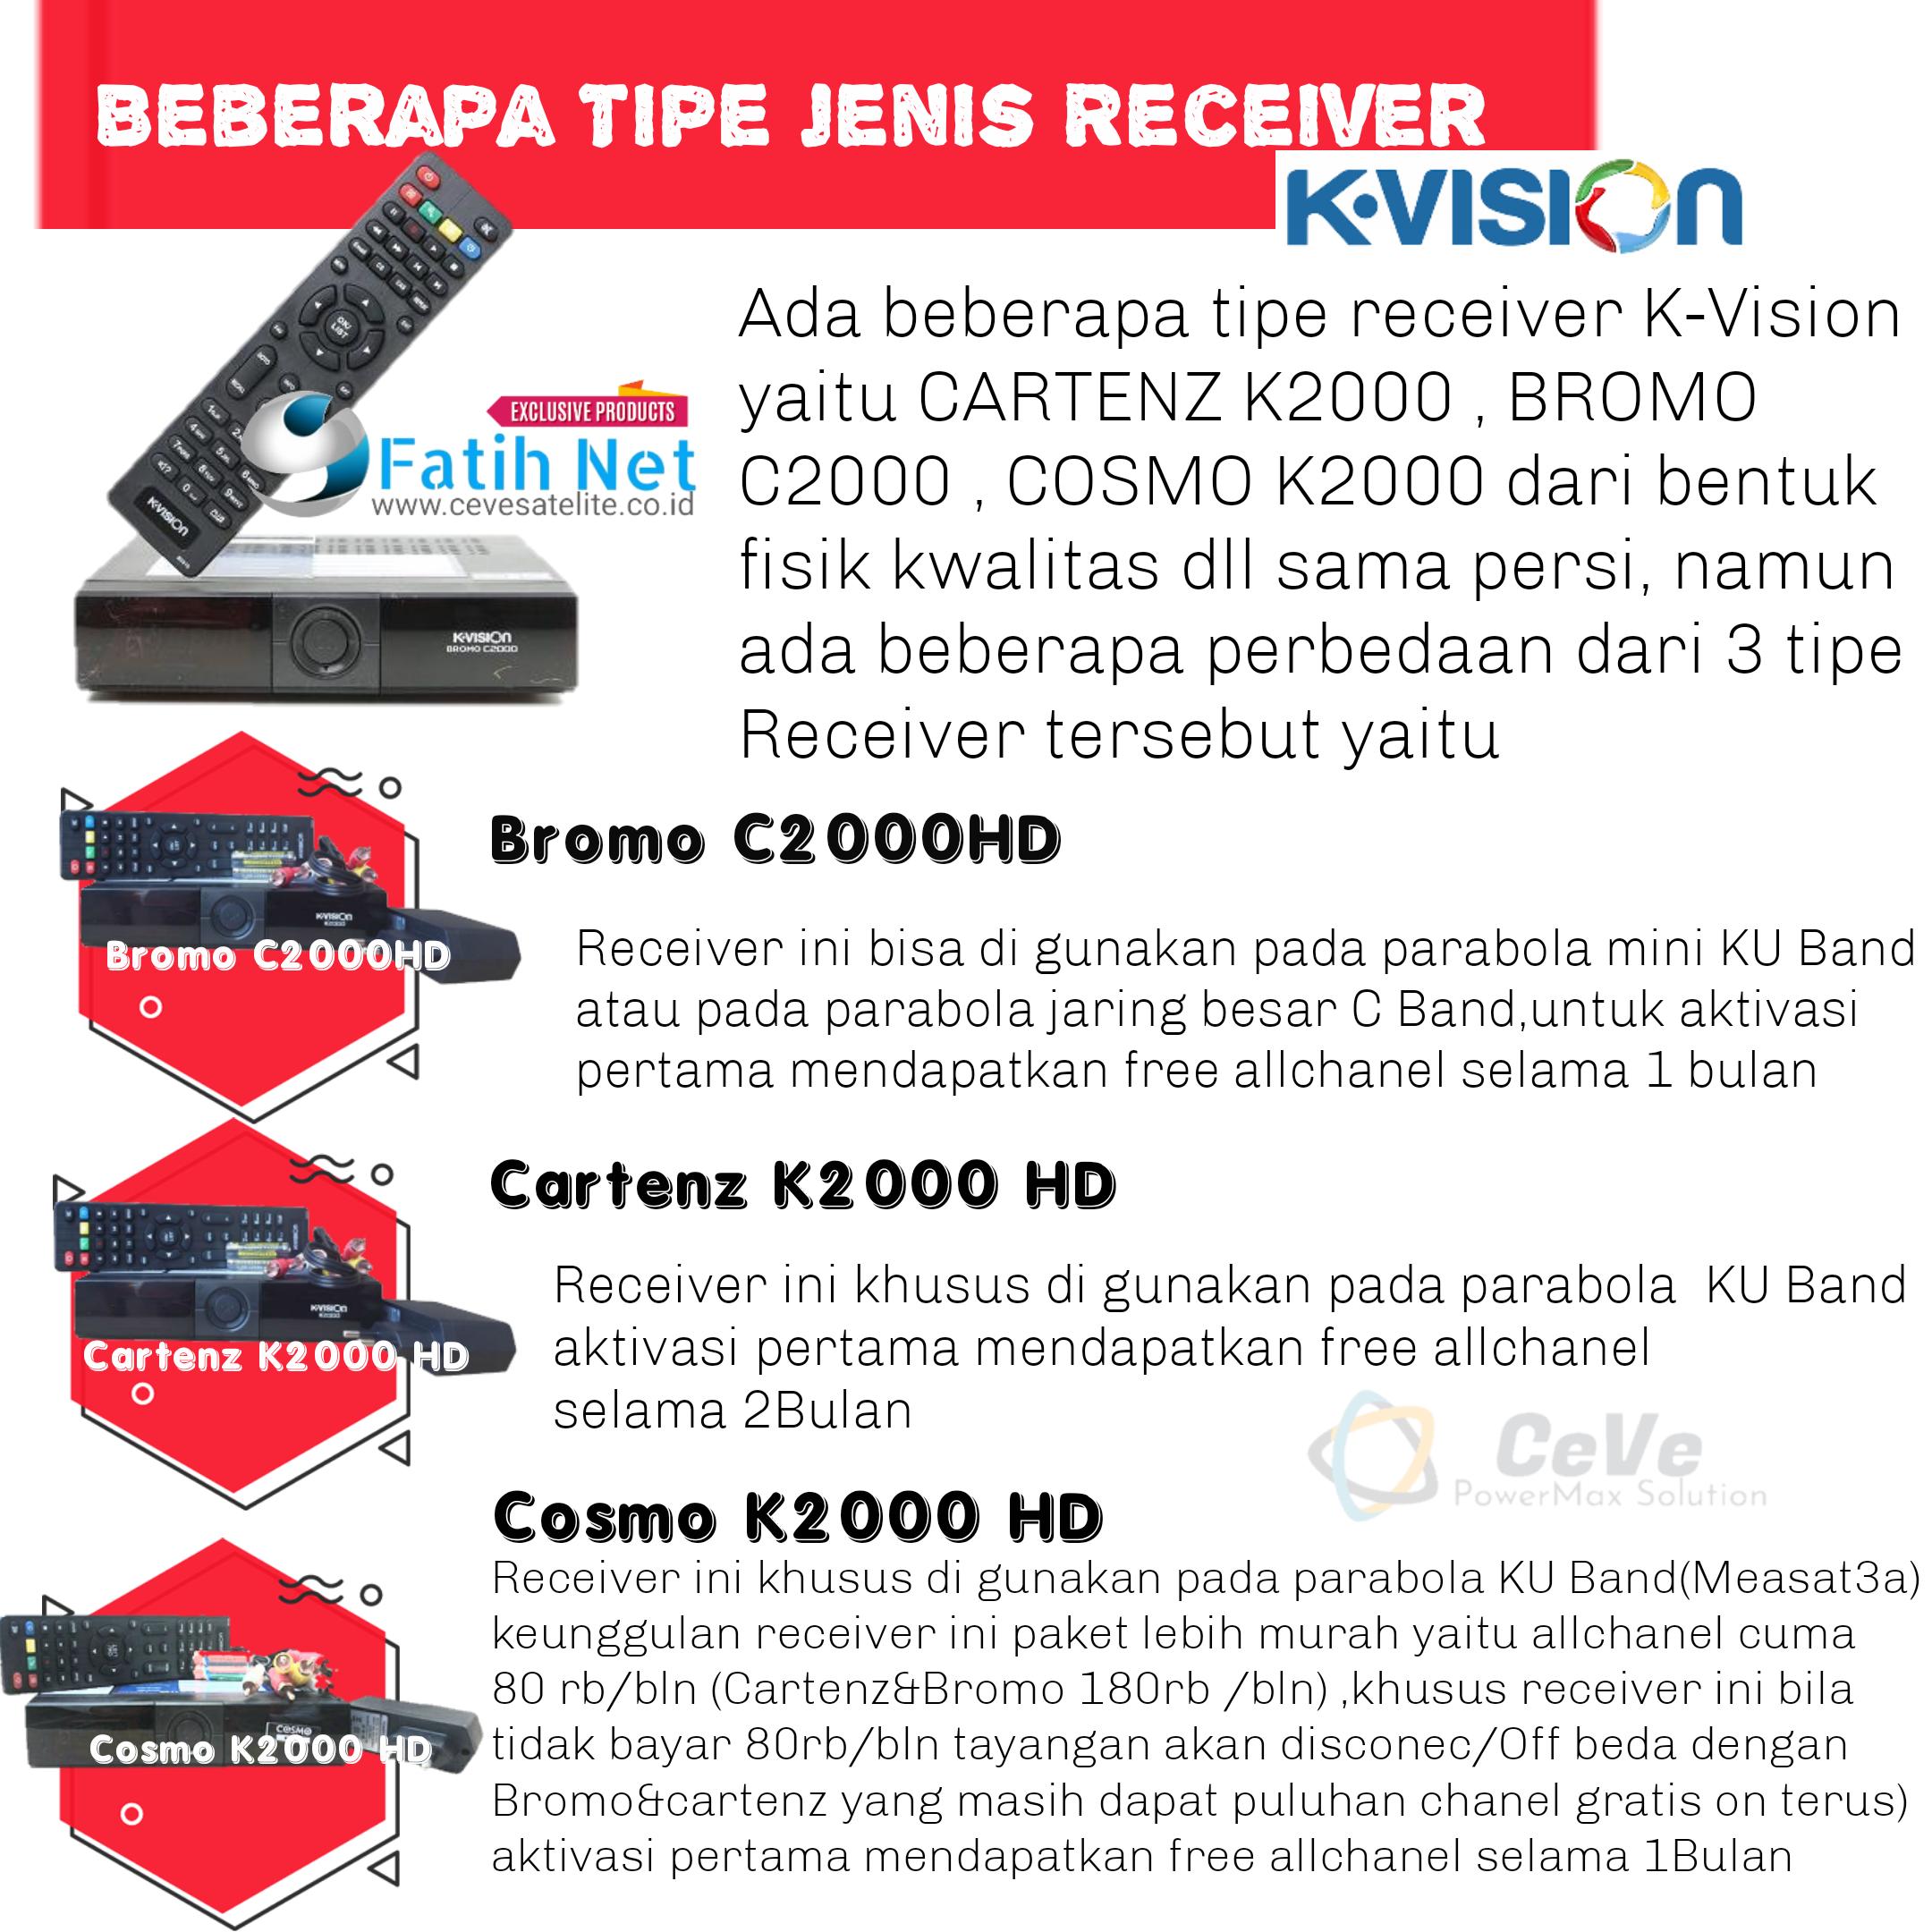 paket komplit k vision pilih varian receiver bromo c2000 hd atau cartenz k2000 hd atau cosmo k2000 hd parabola 45cm receiver kvision k vision k